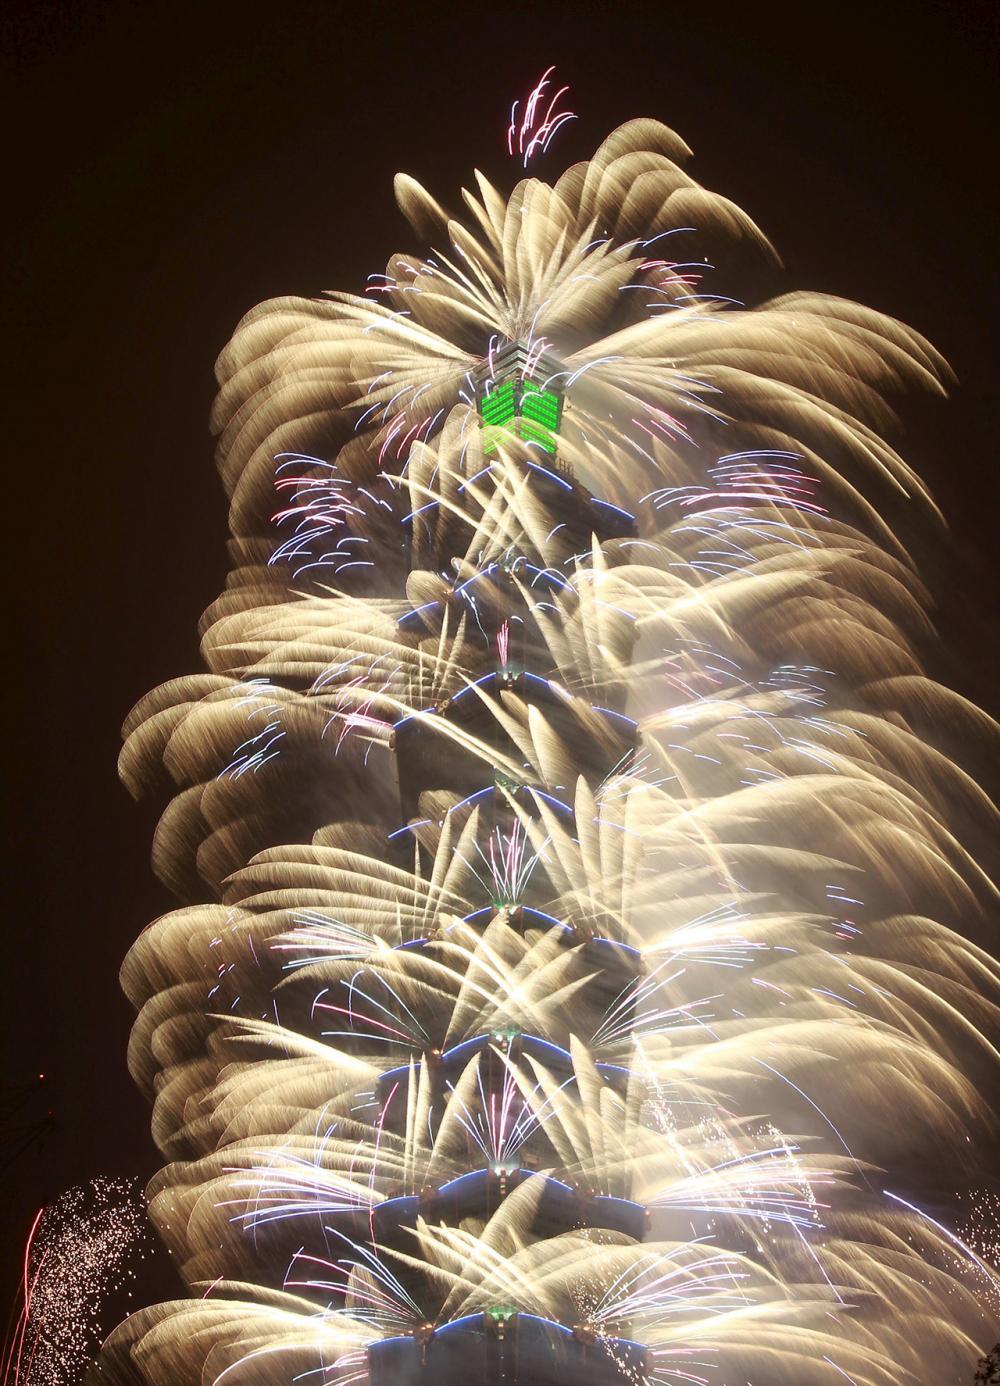 ตึกไทเป 101 เป็นอาคารที่สูงที่สุดในไต้หวัน ถูกใช้เป็นสถานที่จัดแสดงพลุไฟฉลองปีใหม่เป็นประจำทุกปี (ภาพ: REUTERS)